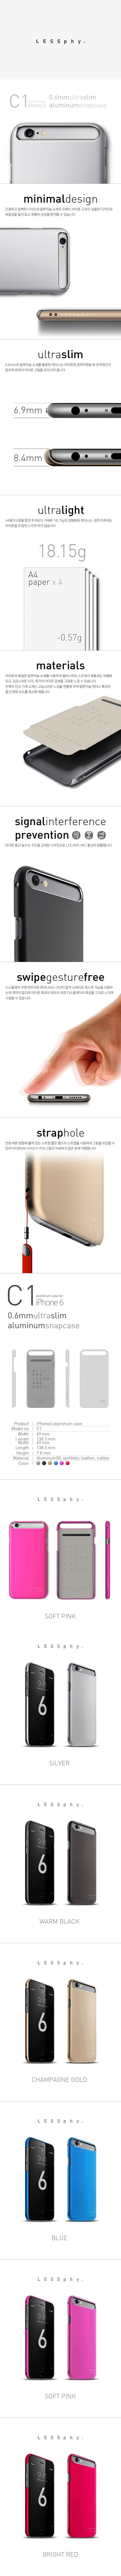 iPhone 6 Plus giá tốt nhất thị trường http://phatloc.com.vn/mua-dien-thoai-tra-gop-iphone-6